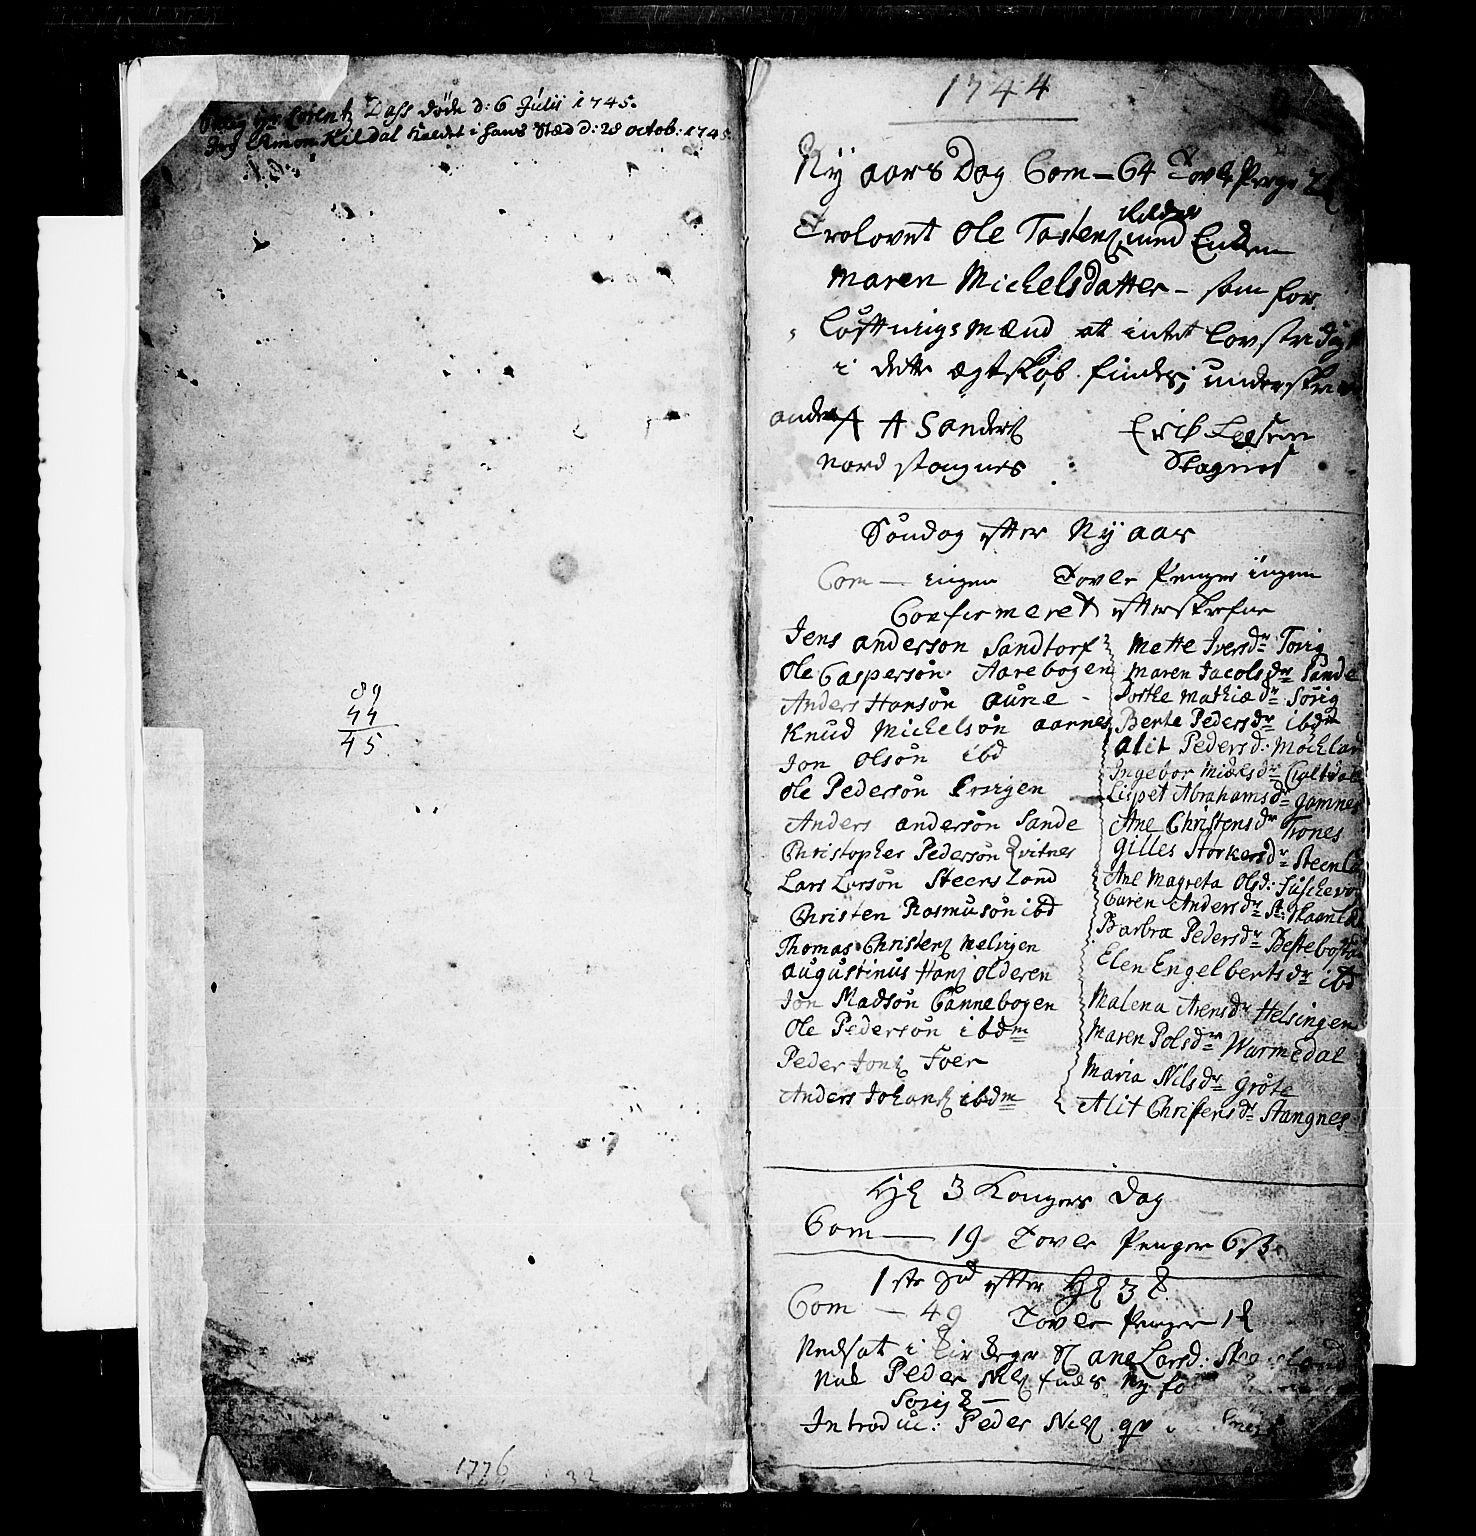 SATØ, Trondenes sokneprestkontor, H/Ha/L0001kirke: Ministerialbok nr. 1, 1744-1777, s. 2